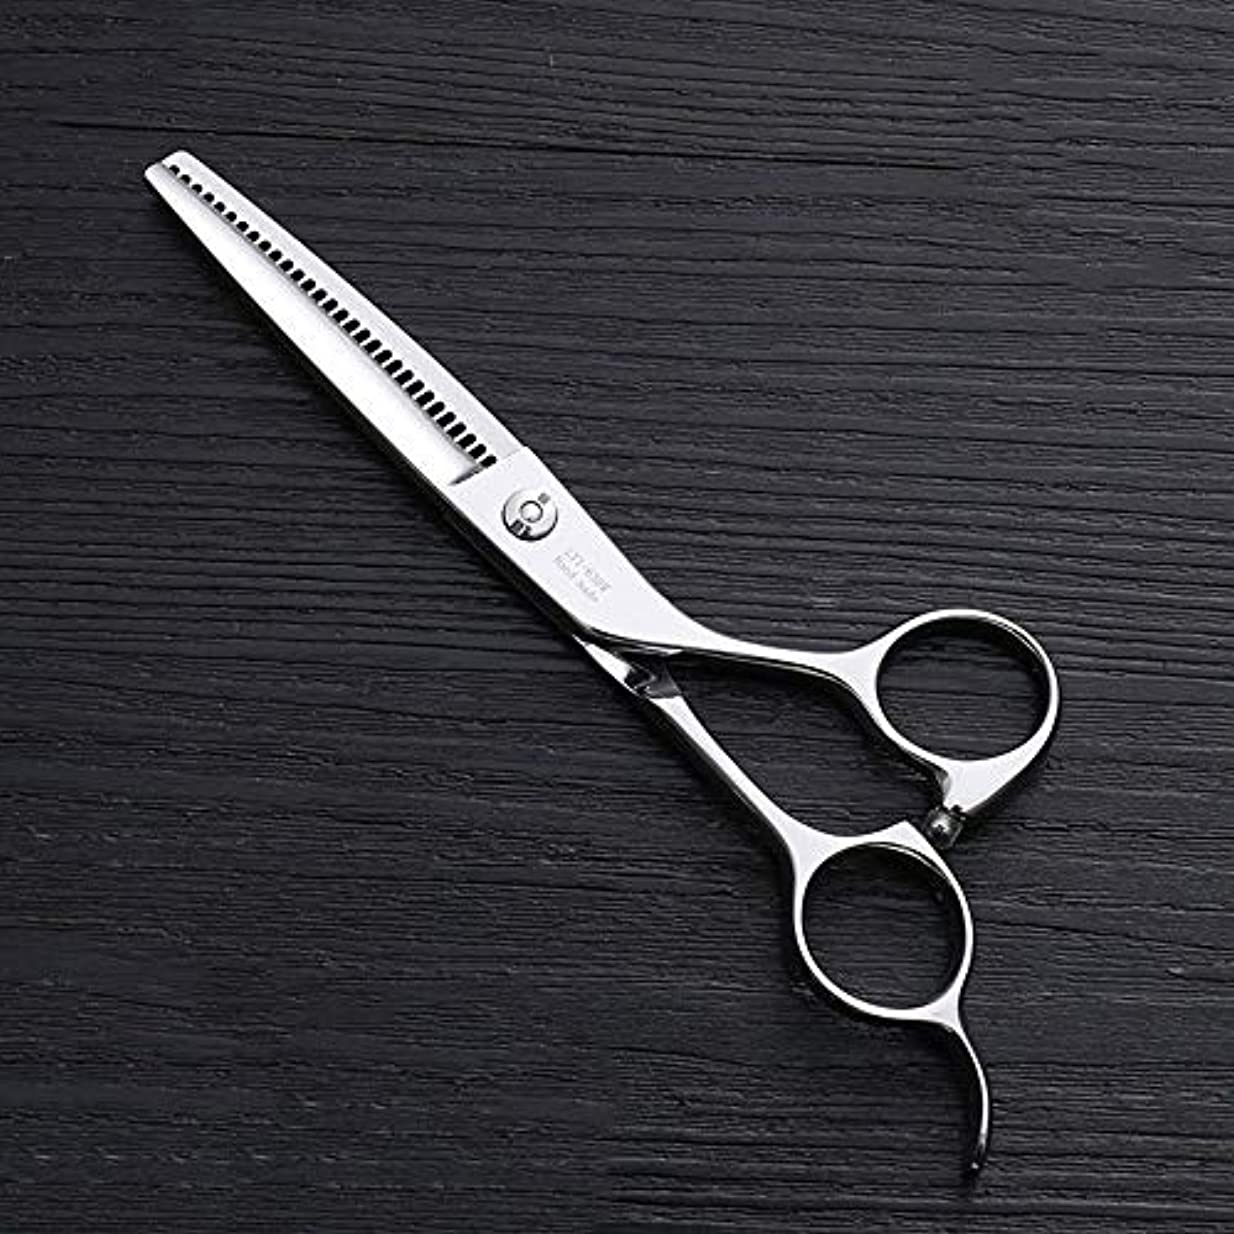 ワゴンご近所周り6インチ理髪はさみ、30歯理髪はさみ、ステンレス鋼理髪ツール ヘアケア (色 : Silver)